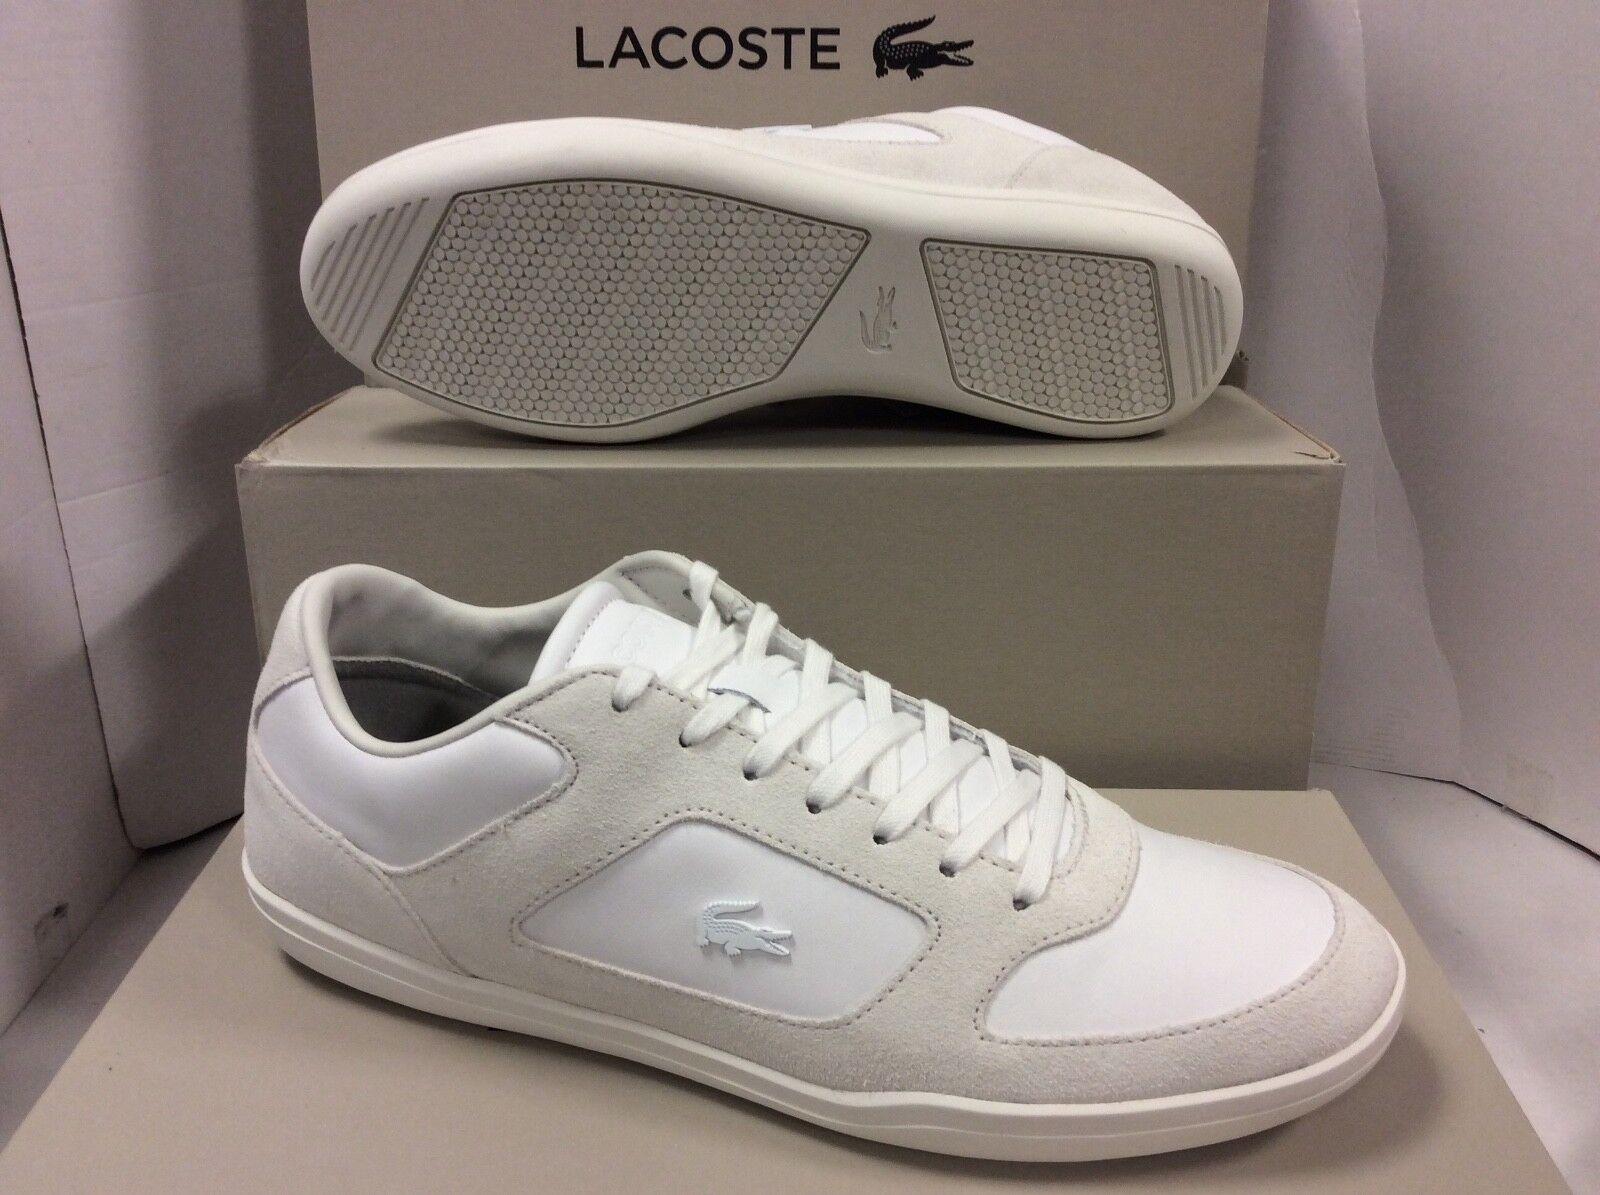 Lacoste Tribunal mínima 316 De Cuero Para Hombre Zapatillas Zapatos, Talla UK 12 EU 47